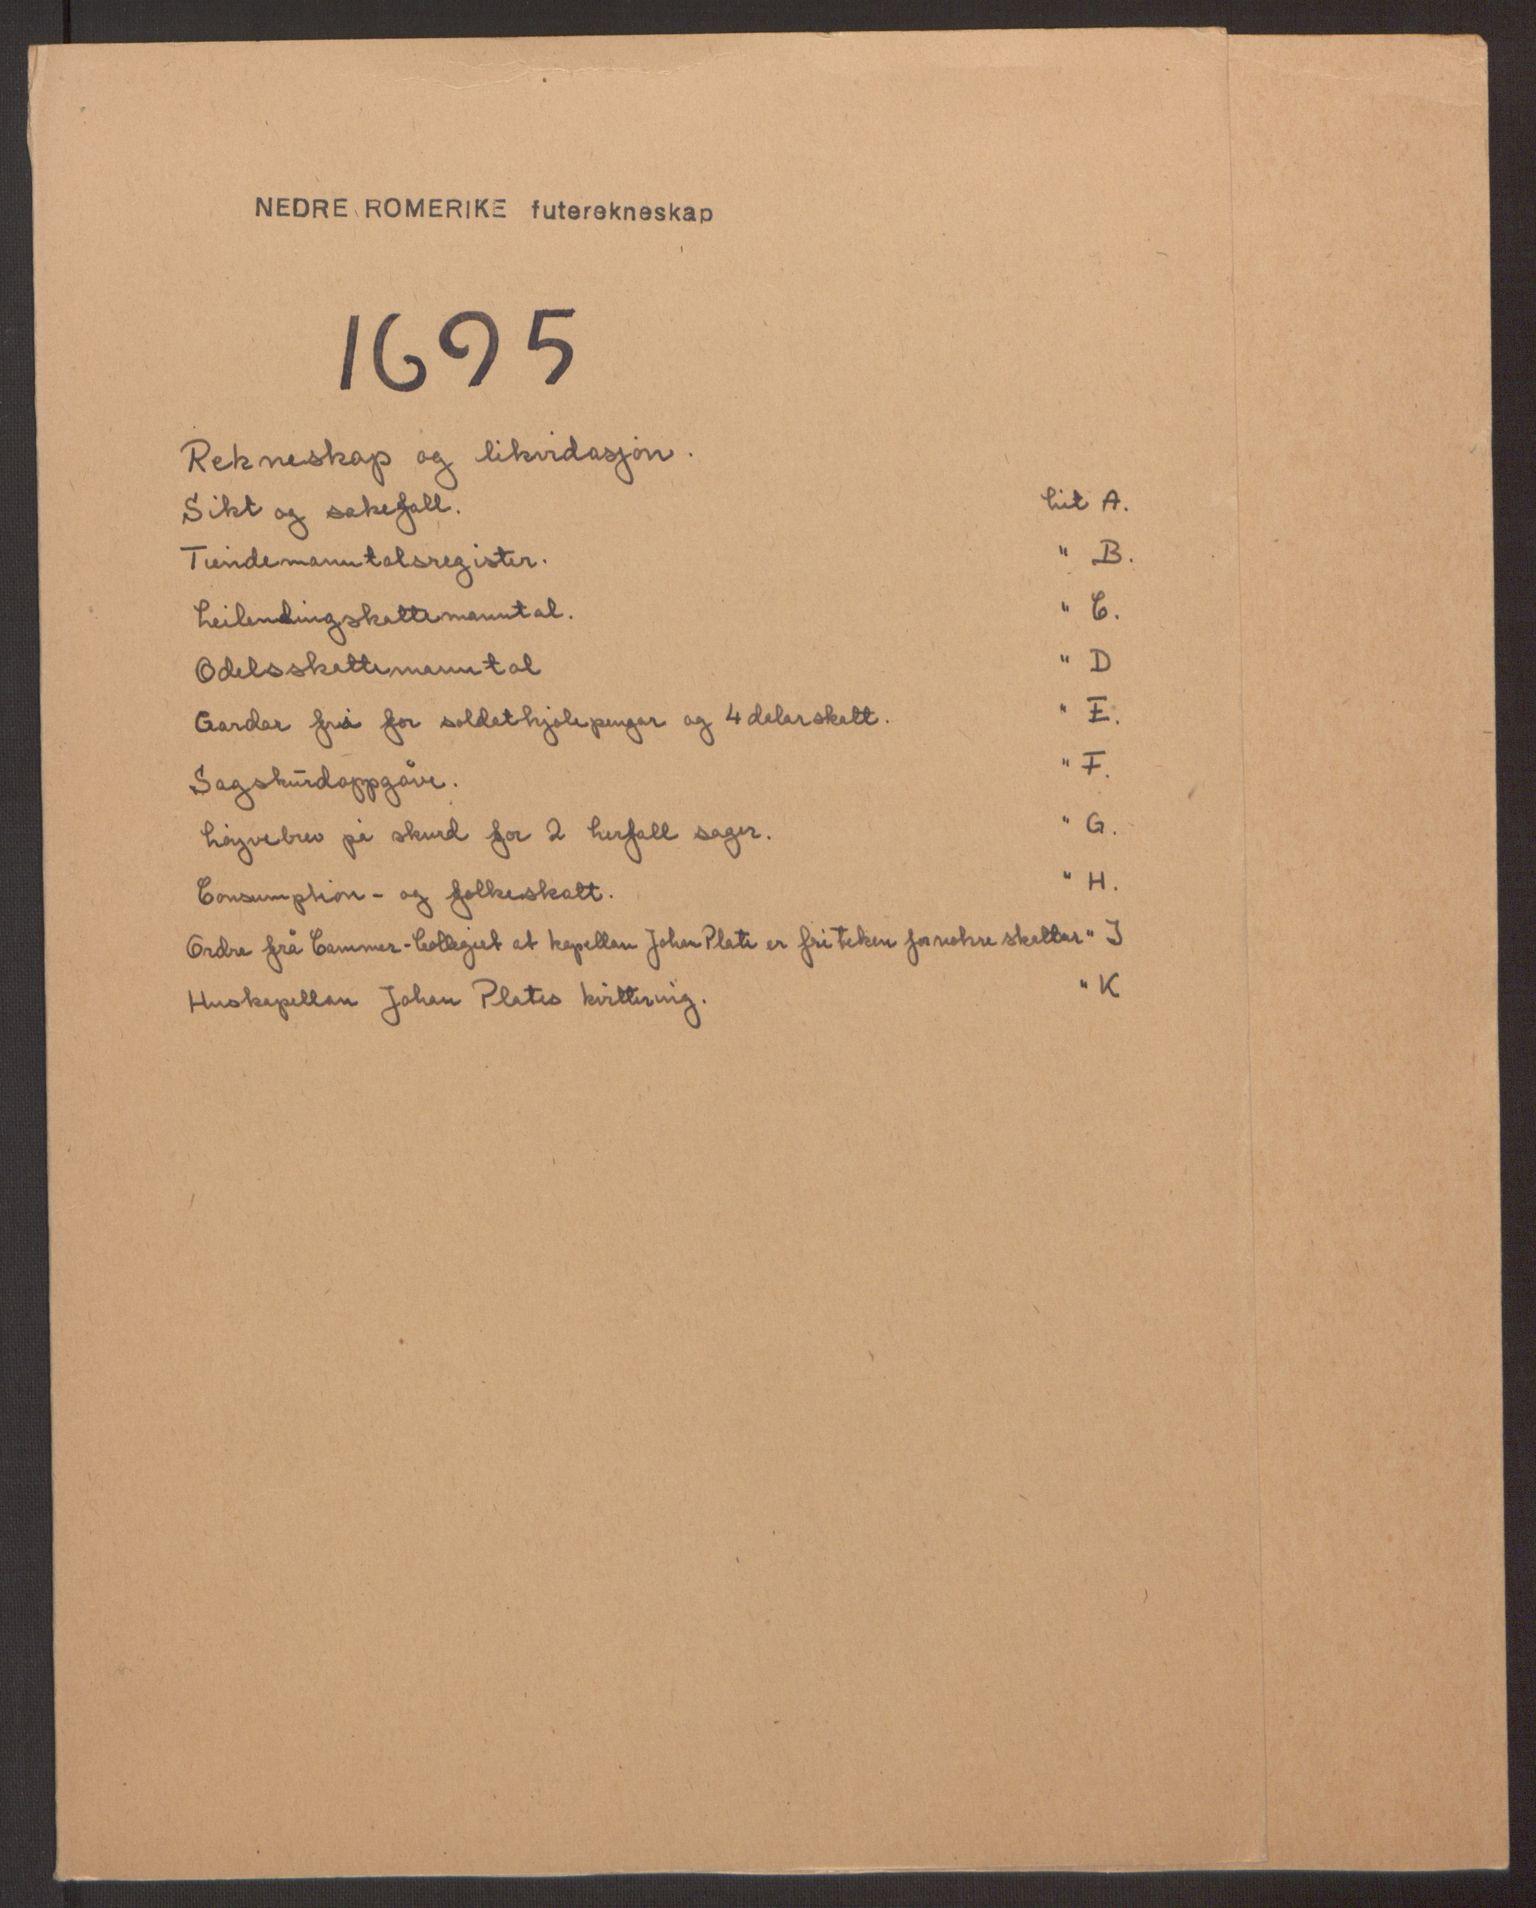 RA, Rentekammeret inntil 1814, Reviderte regnskaper, Fogderegnskap, R11/L0579: Fogderegnskap Nedre Romerike, 1694-1695, s. 229